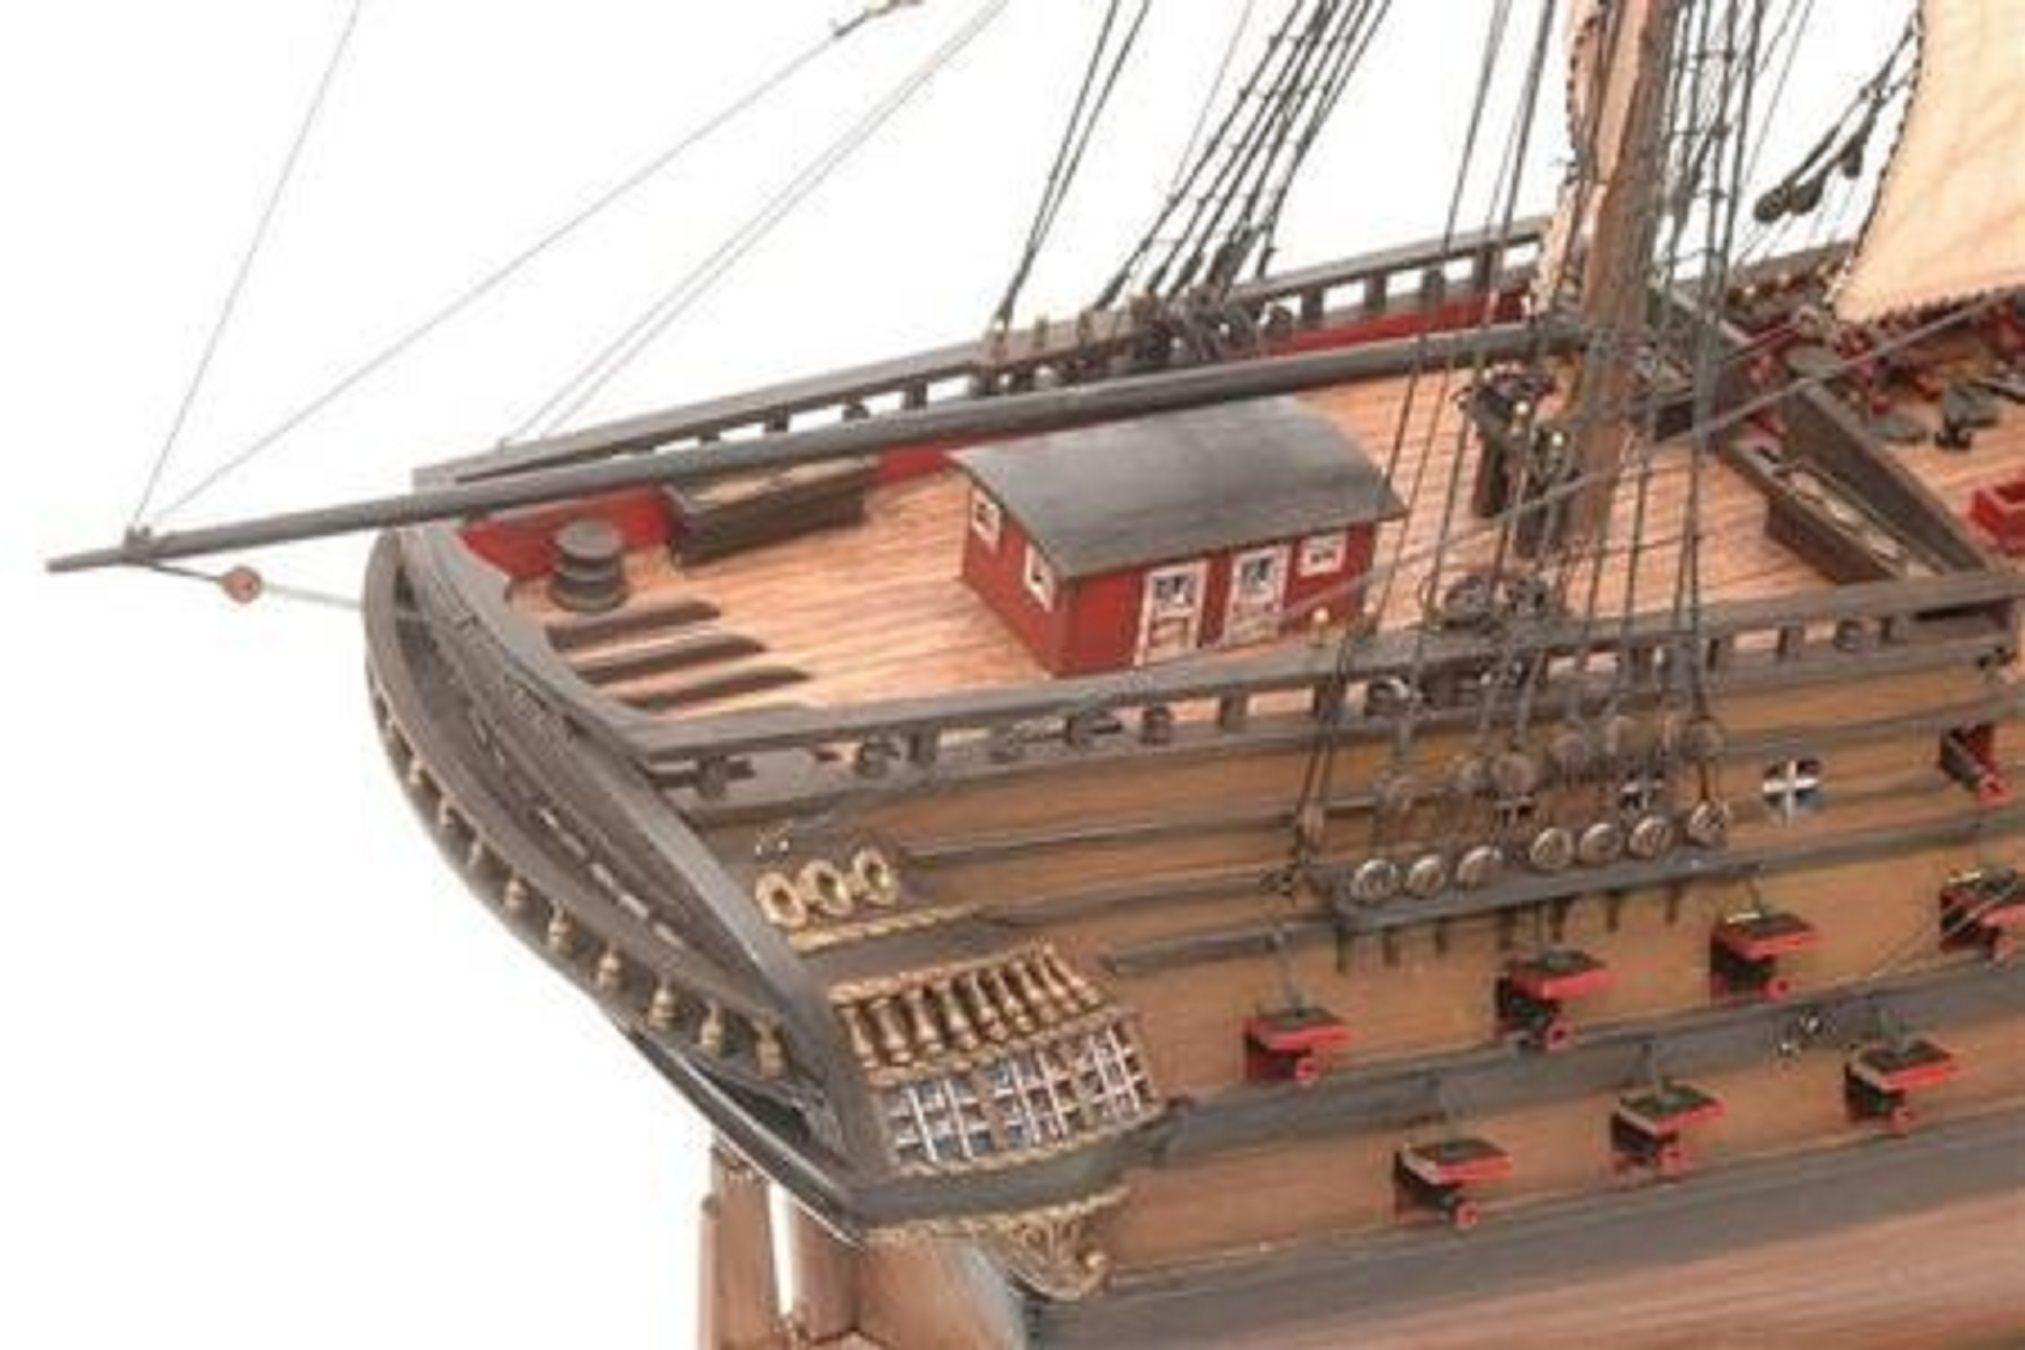 Maquette bateau - Le Superbe (Gamme Première)